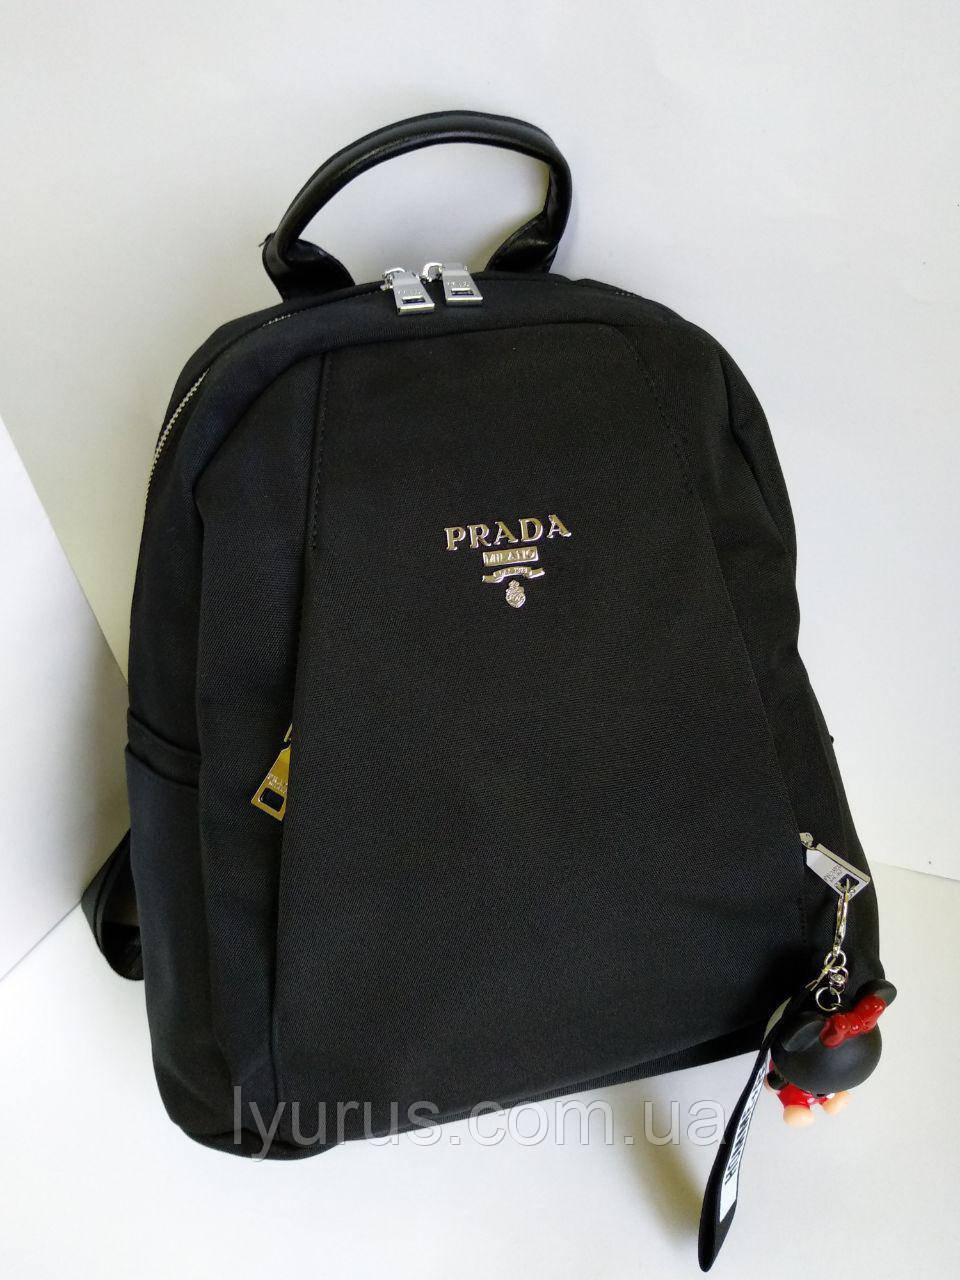 Рюкзак женский повседневный  Prada черного цвета вместительный городской